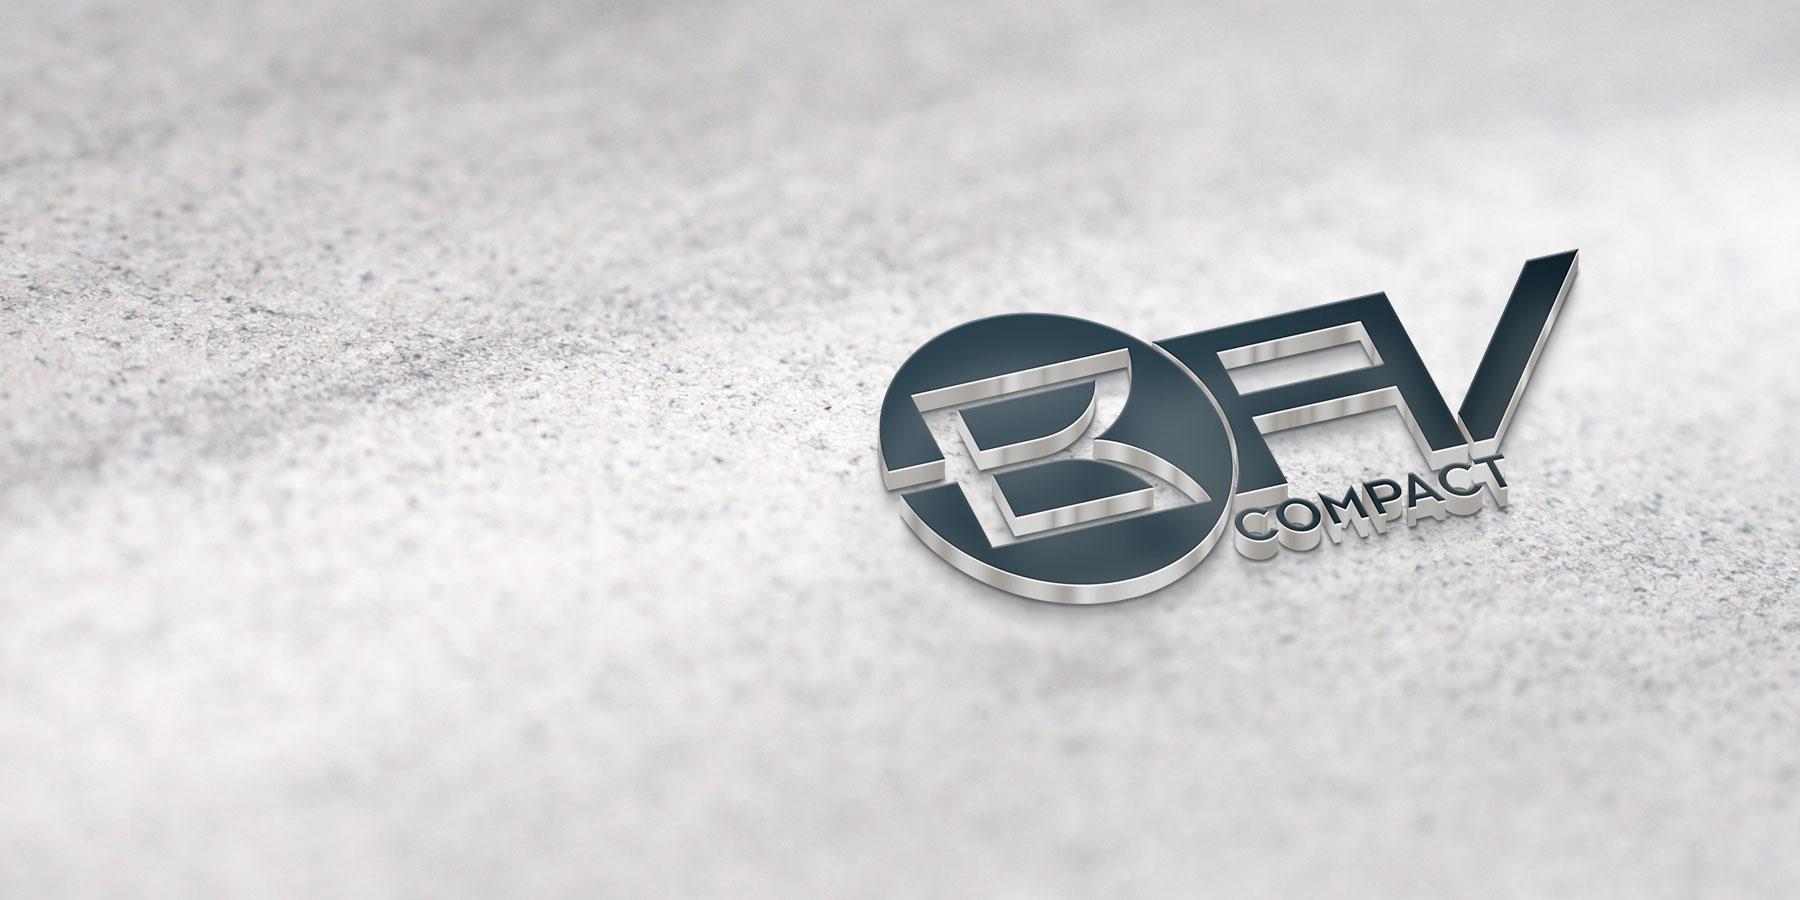 Informationen für den Arbeitgeber - Arbeitgeber - spezialisierter bAV-Versicherungsmakler - BAVcompact